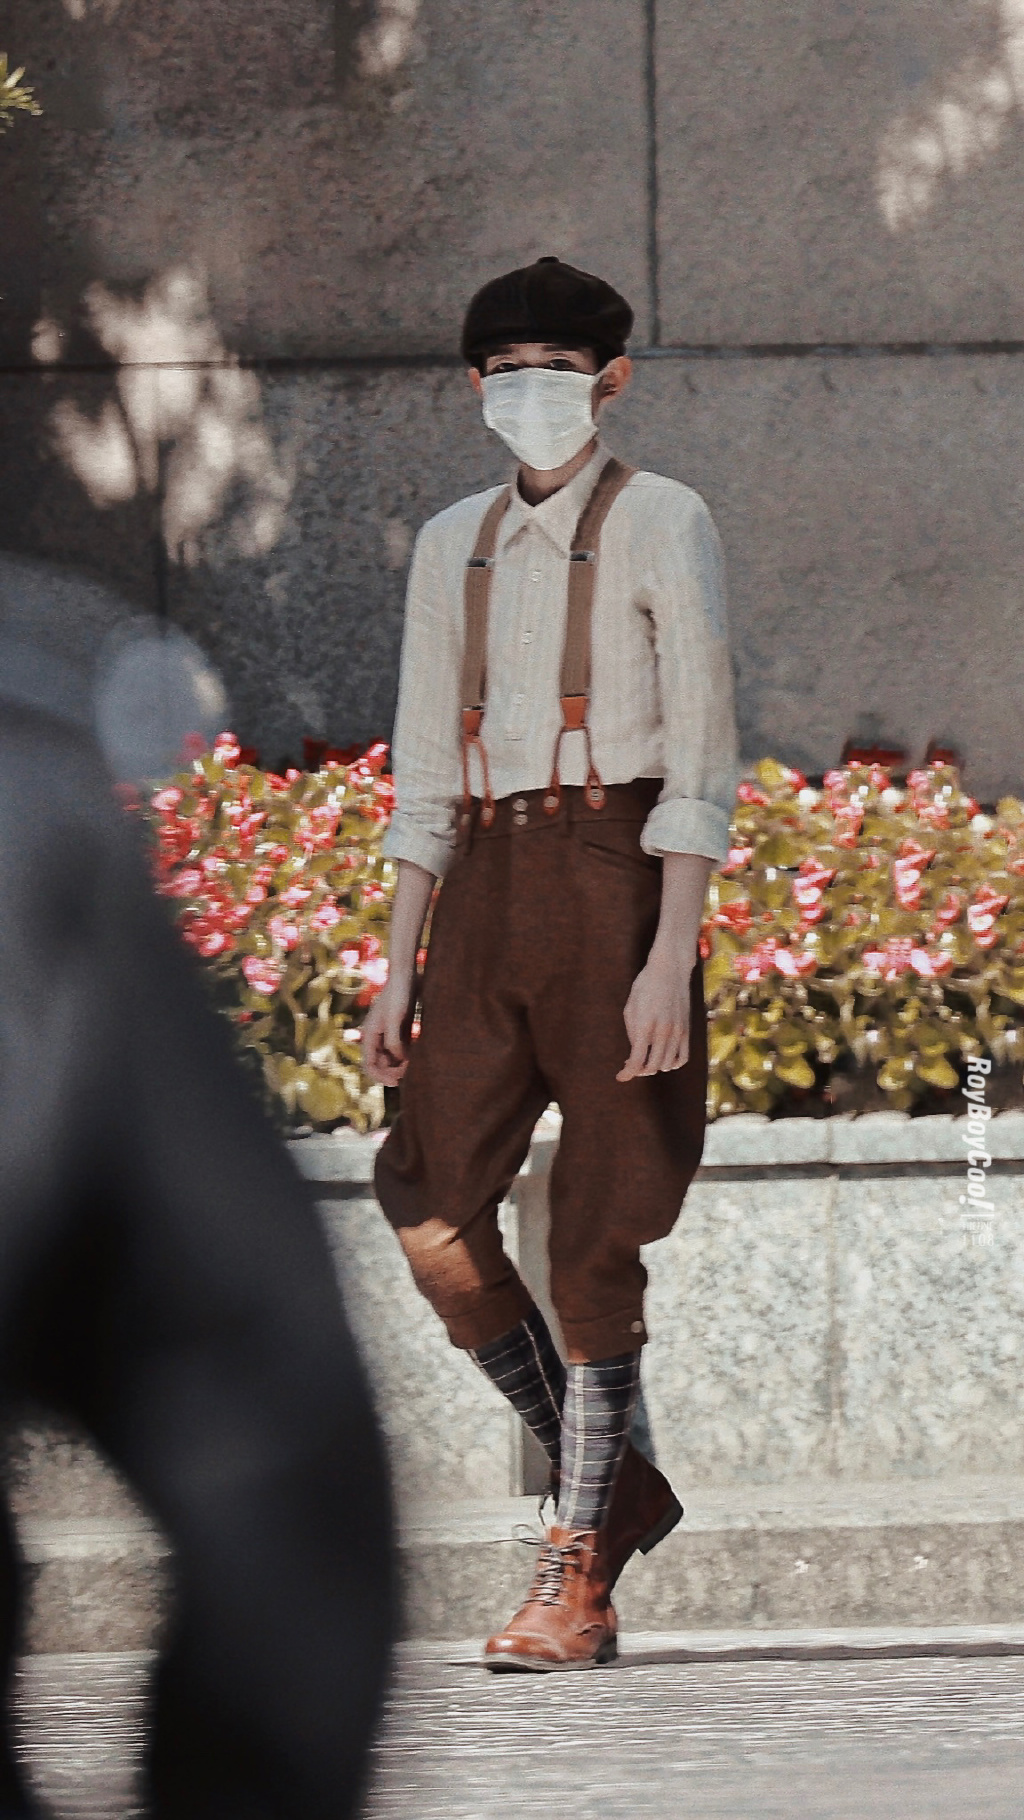 王源《1921》报童造型展纸片人身材 角色引猜测[图]